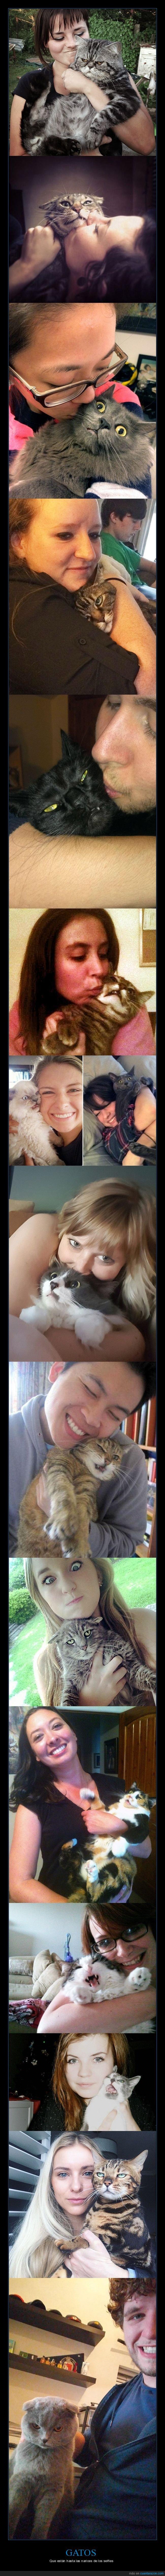 caras,gatos,hartos,selfies